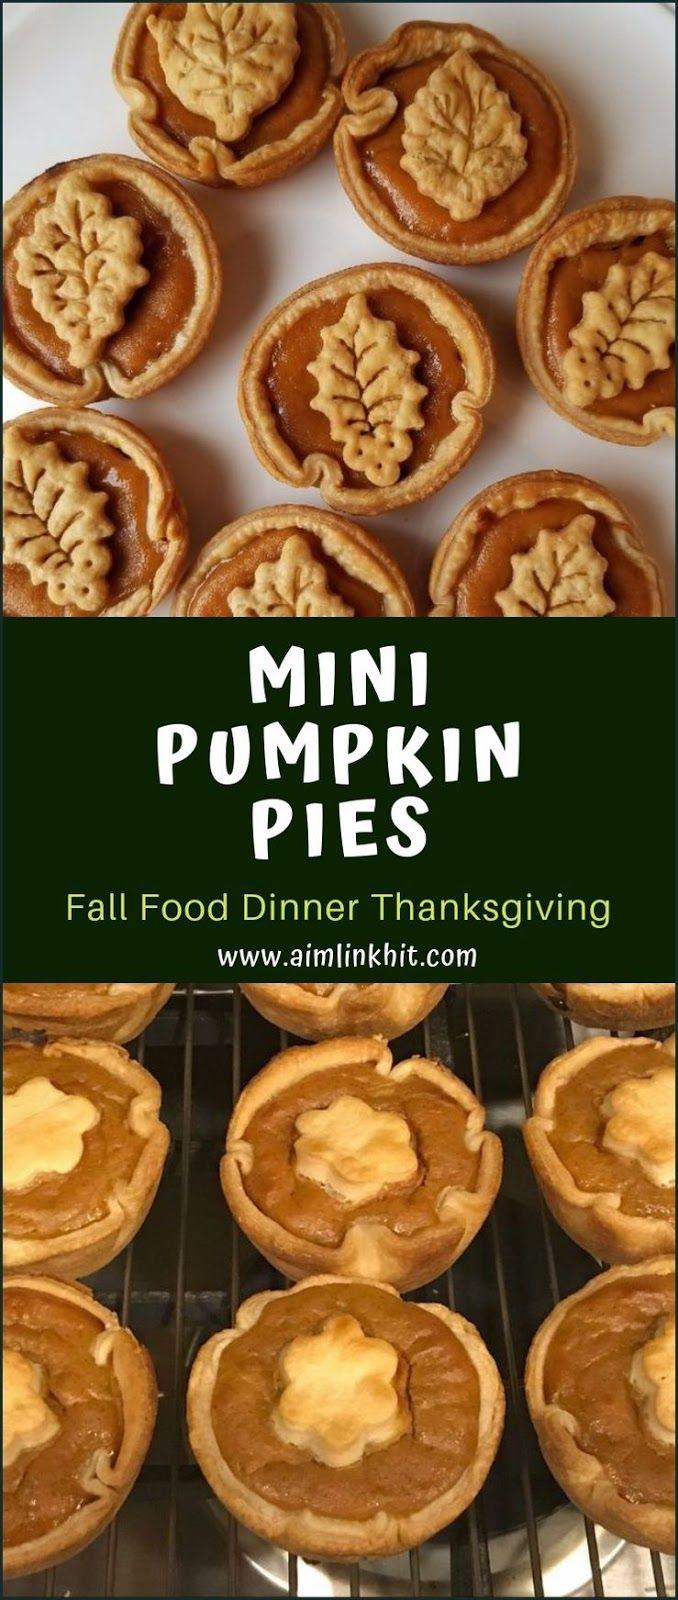 Mini Pumpkin Pies Fall Food Dinner Thanksgiving Mini Pumpkin Pies Fall Recipes Mini Pumpkin Pies Easy